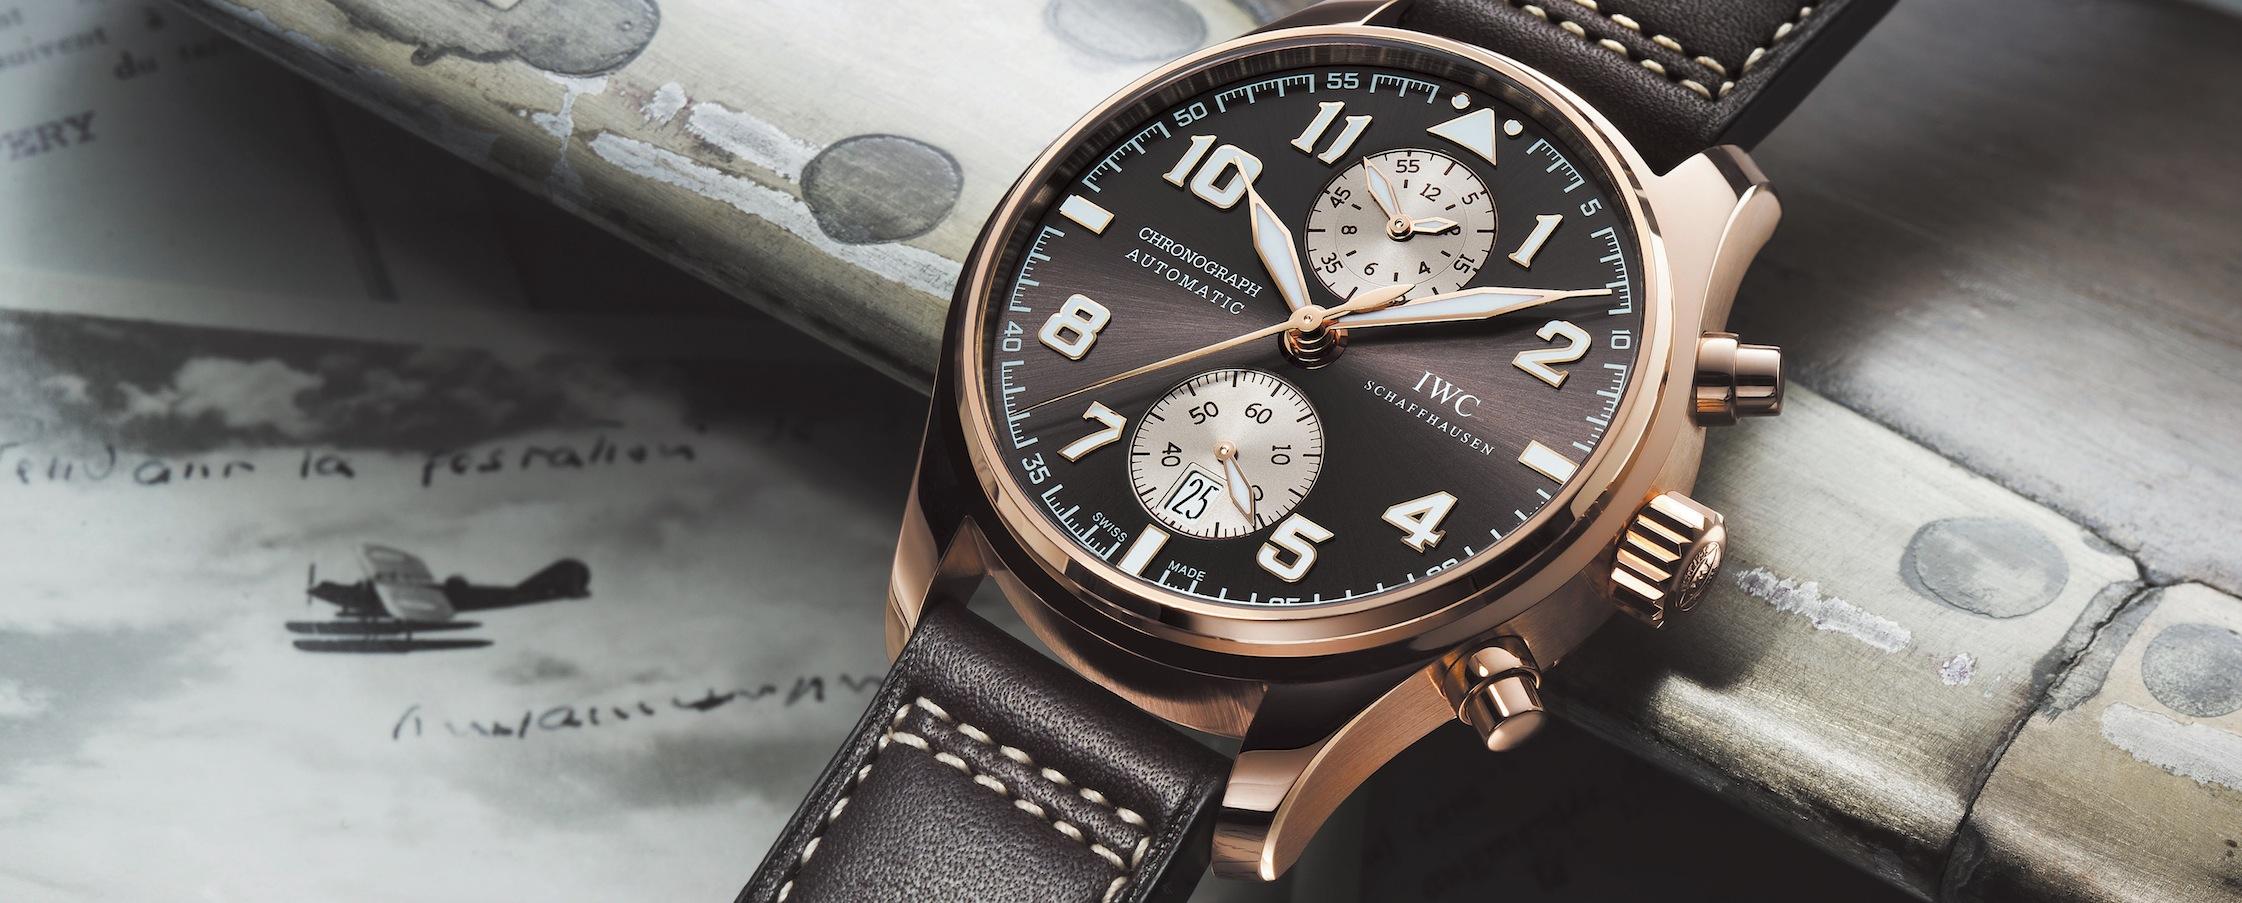 IWC Fliegeruhr Chronograph Edition Antoine de Saint-Exupéry